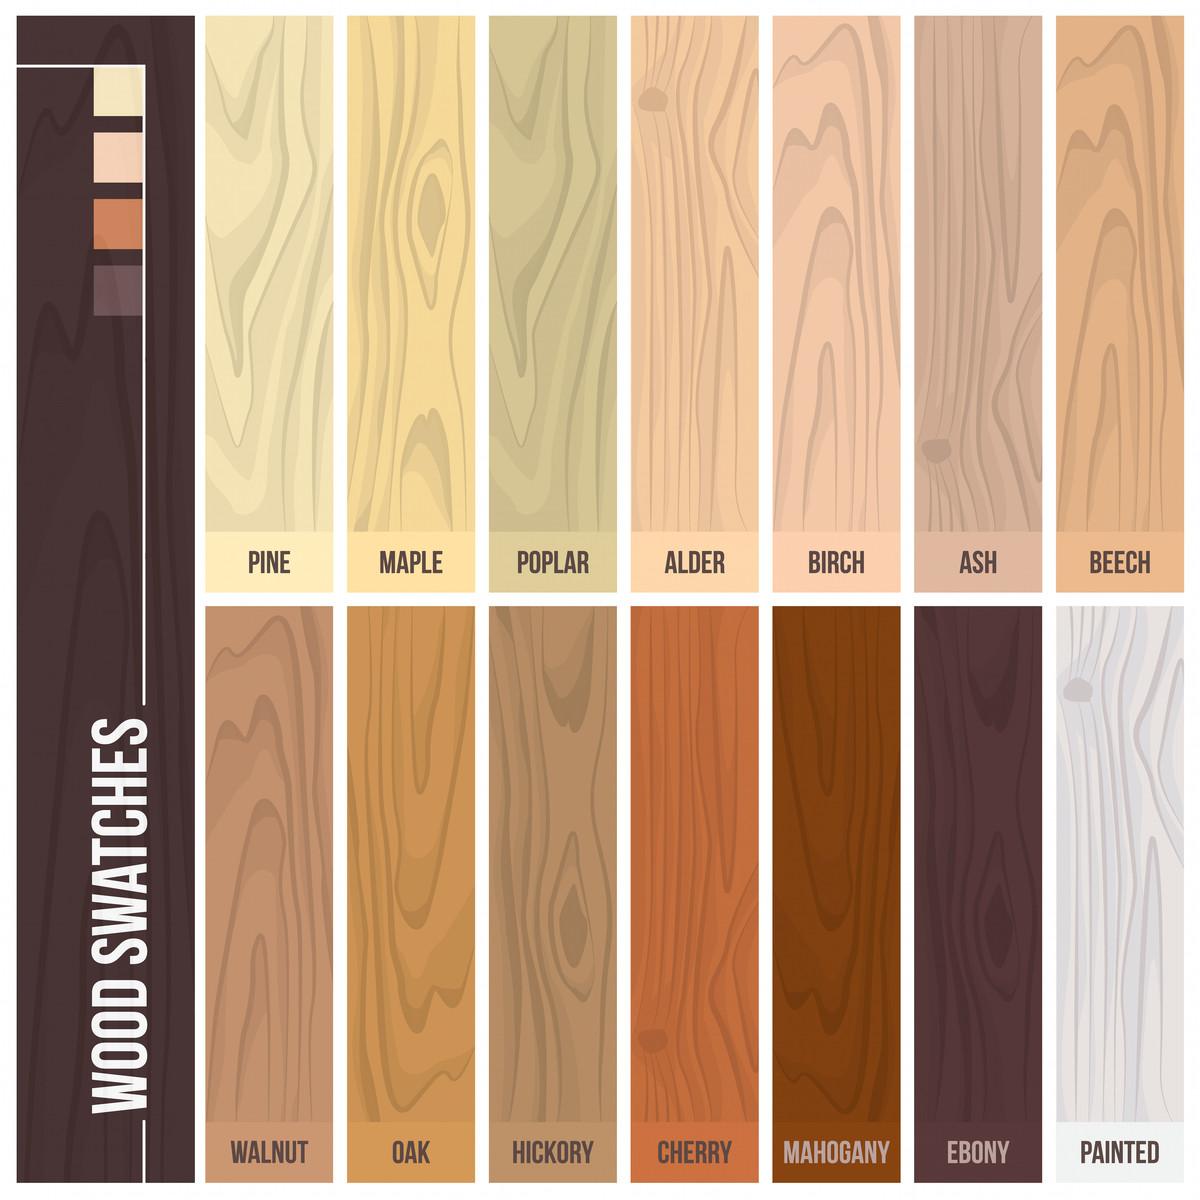 easy click hardwood flooring of 12 types of hardwood flooring species styles edging dimensions in types of hardwood flooring illustrated guide